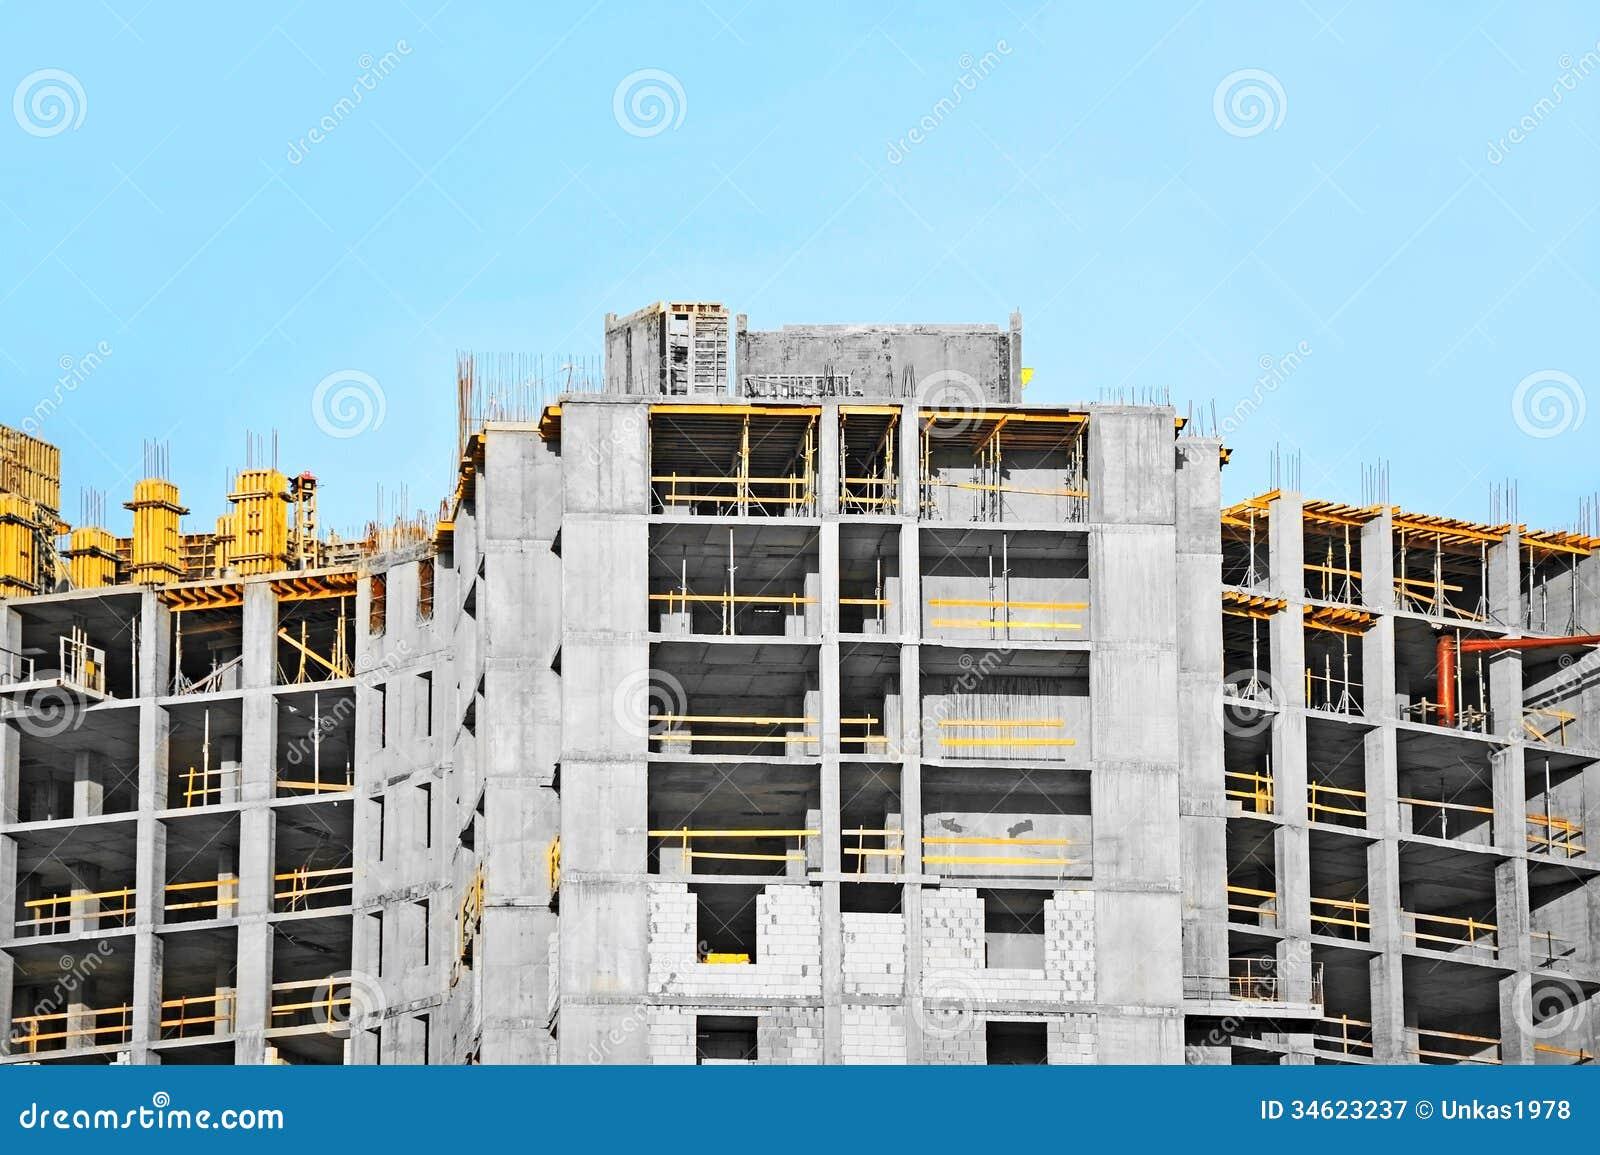 Building Construction Site : Construction site building